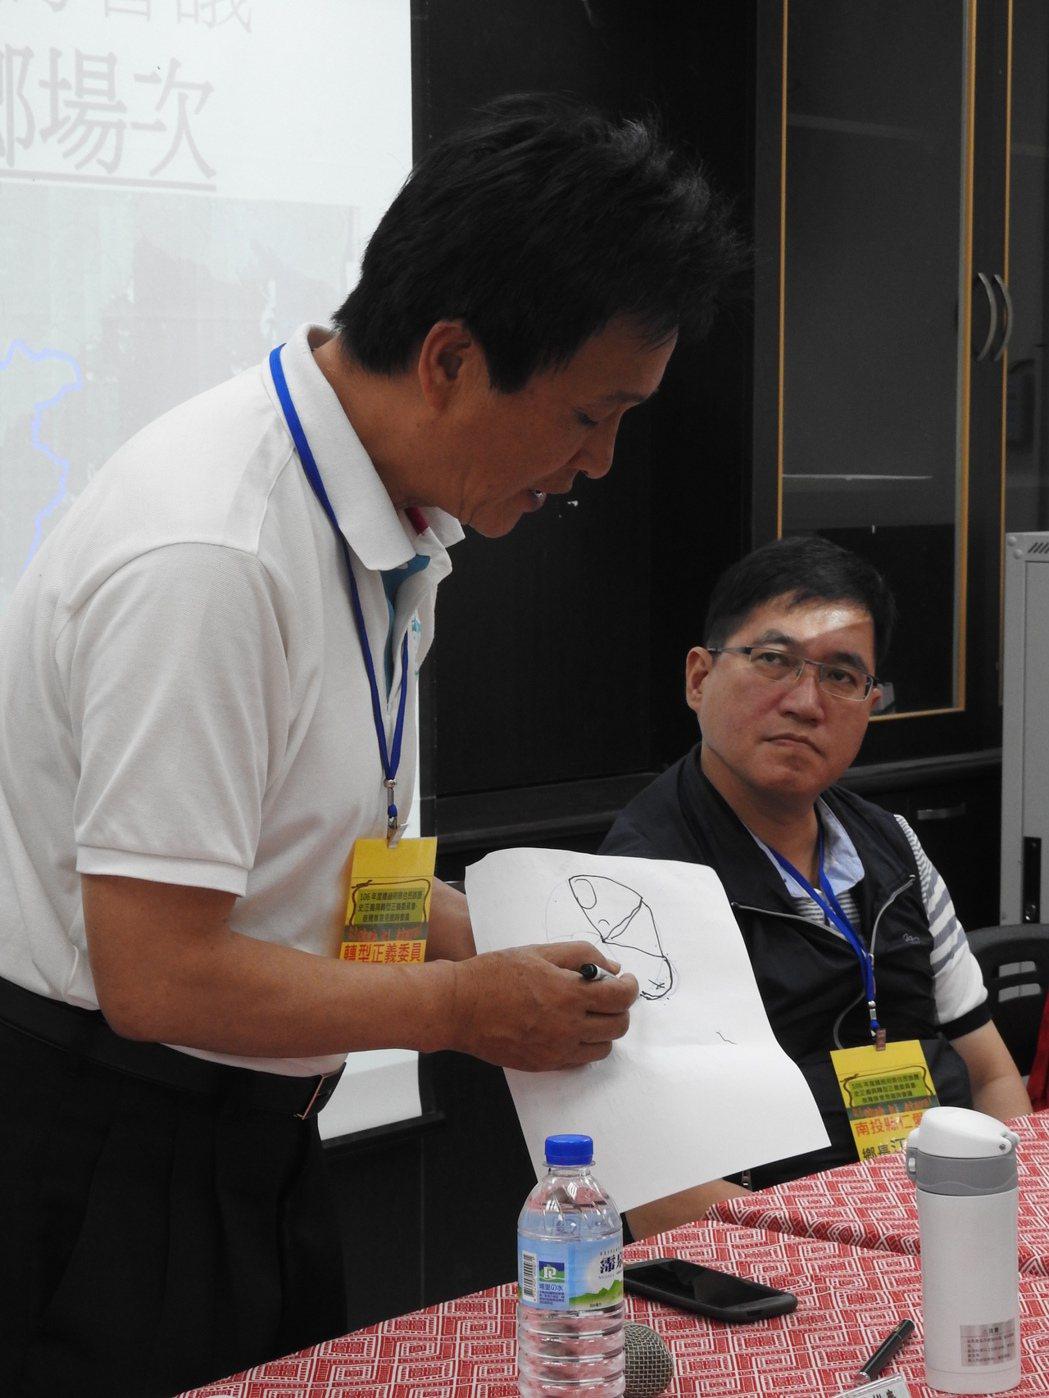 原轉會委員雲天寶向仁愛鄉各部落代表說明傳統領域劃設概念。記者賴香珊/攝影